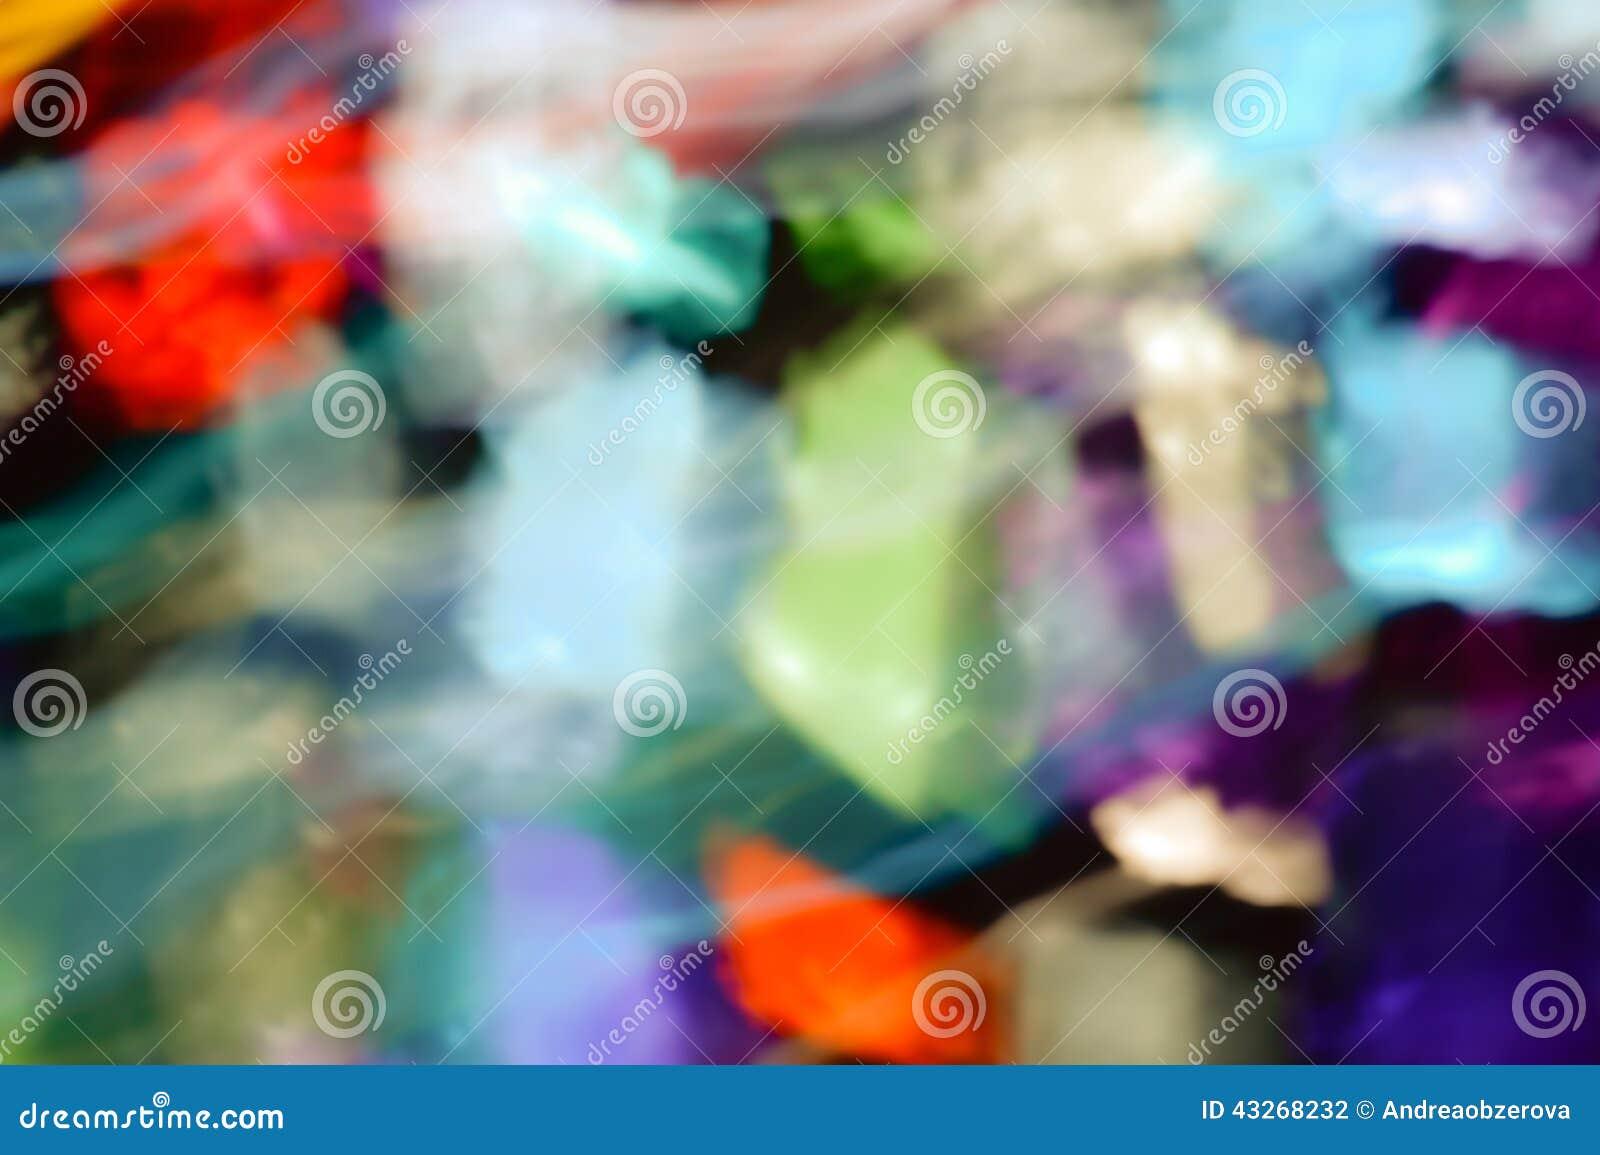 Fondo de los efectos luminosos, backgroun ligero abstracto